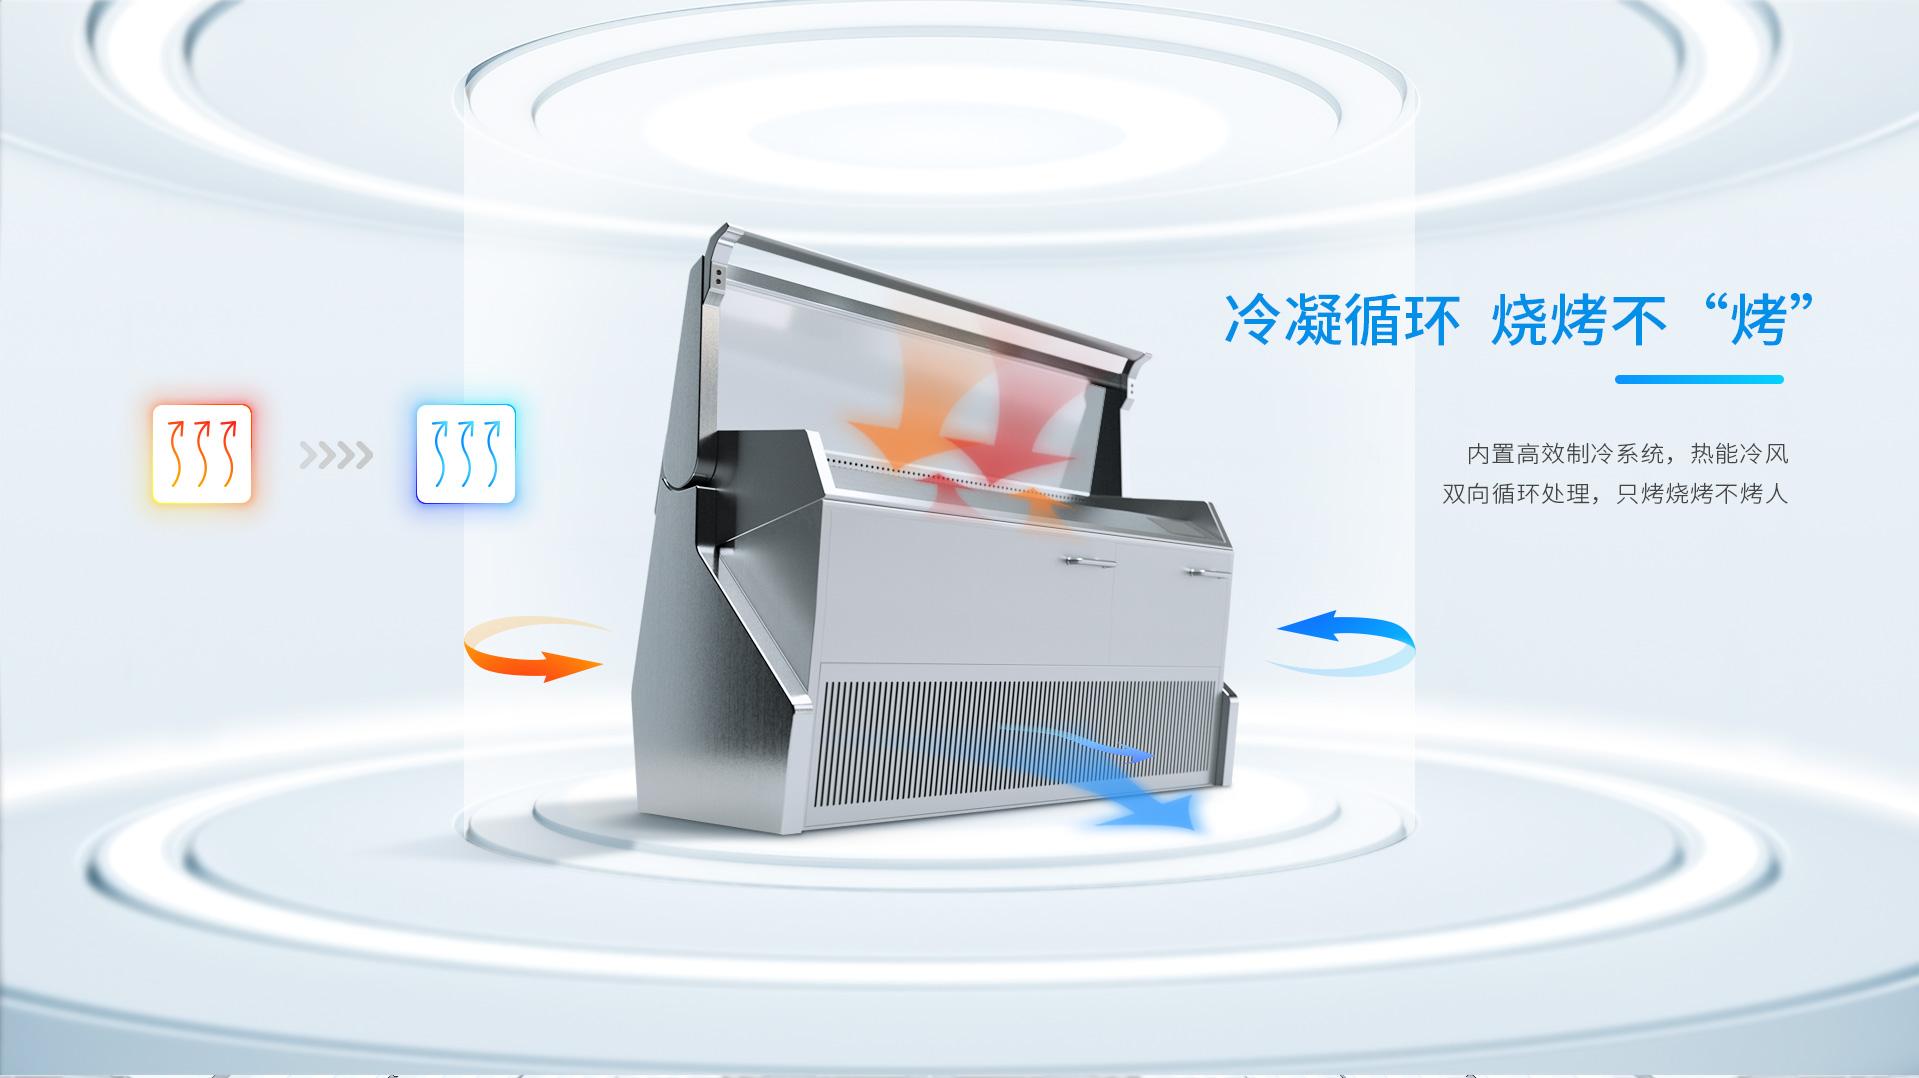 壹指蓝烧烤机,内置高效制冷系统,热能冷风双向处理.只烧烤不烤人